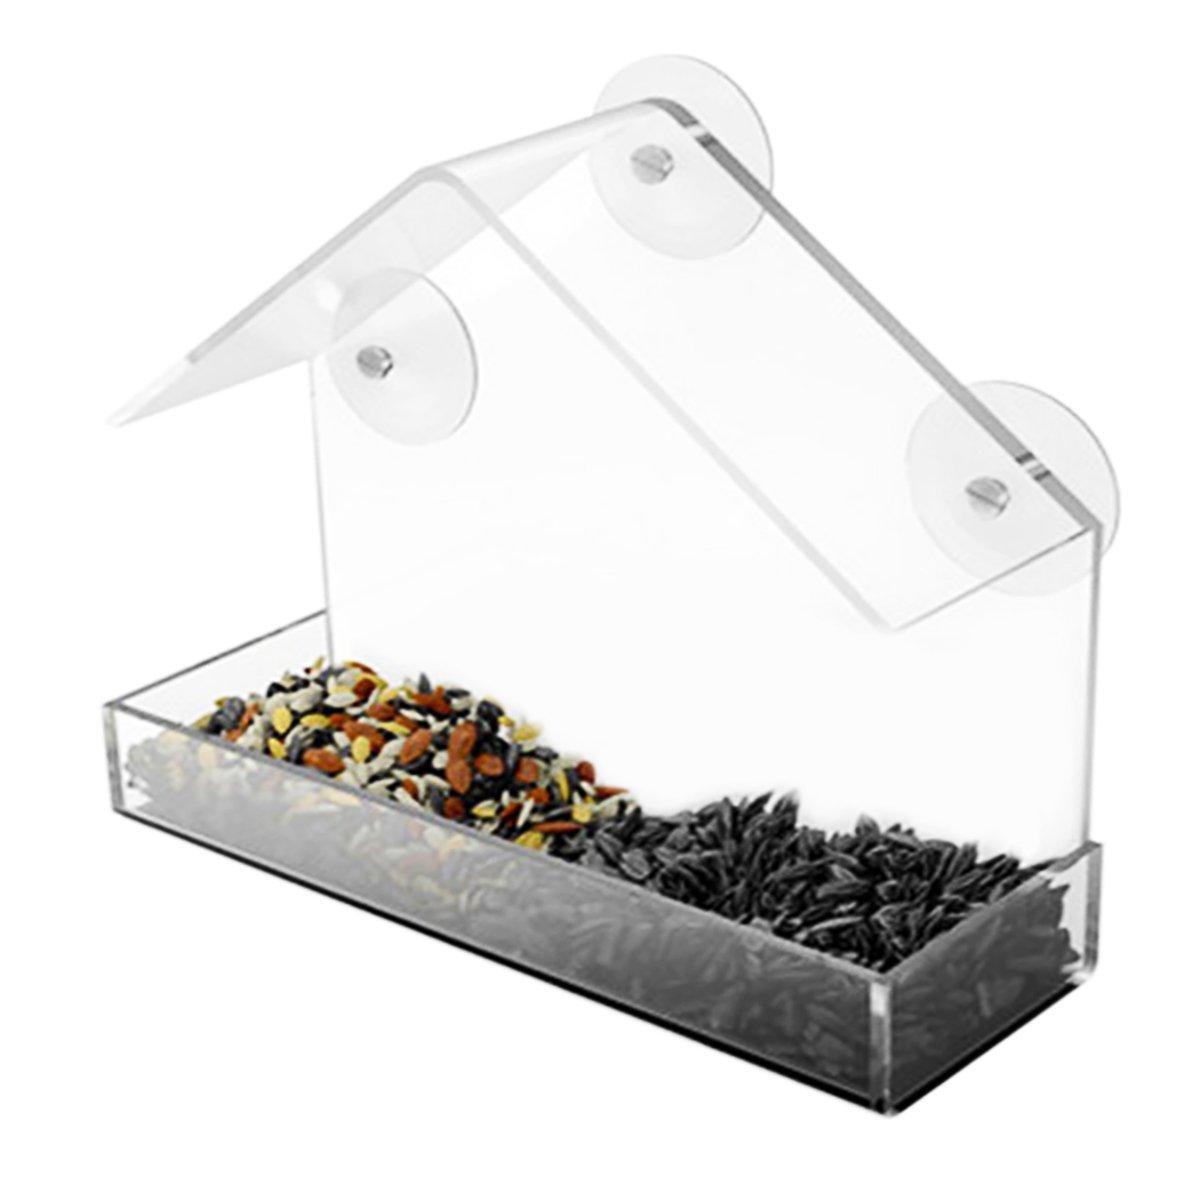 Muzi - Comedero para Pájaros con Ventosa de acrílico y Bandeja Deslizante para Semillas, Fácil de Limpiar y Rellenar 15x15cm MUZI0MA0AZ1W1